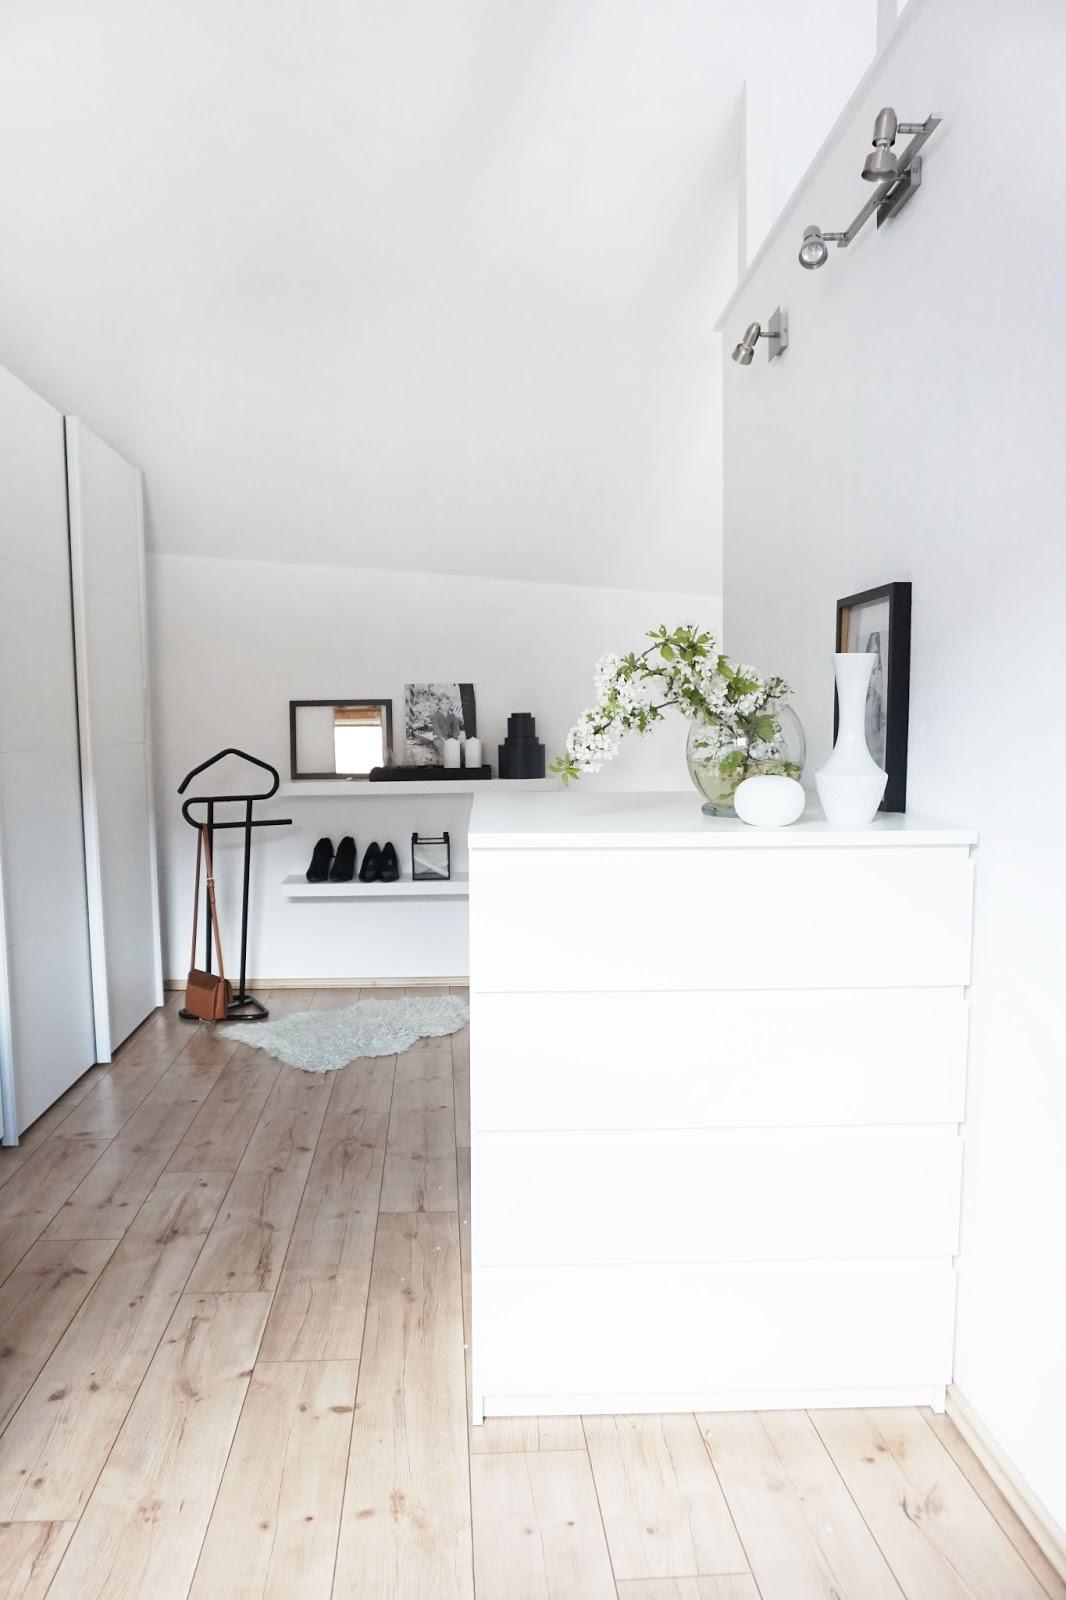 fr hjahrsputz mit dyson und meine top 5 putzsongs s t i l r e i c h blog. Black Bedroom Furniture Sets. Home Design Ideas